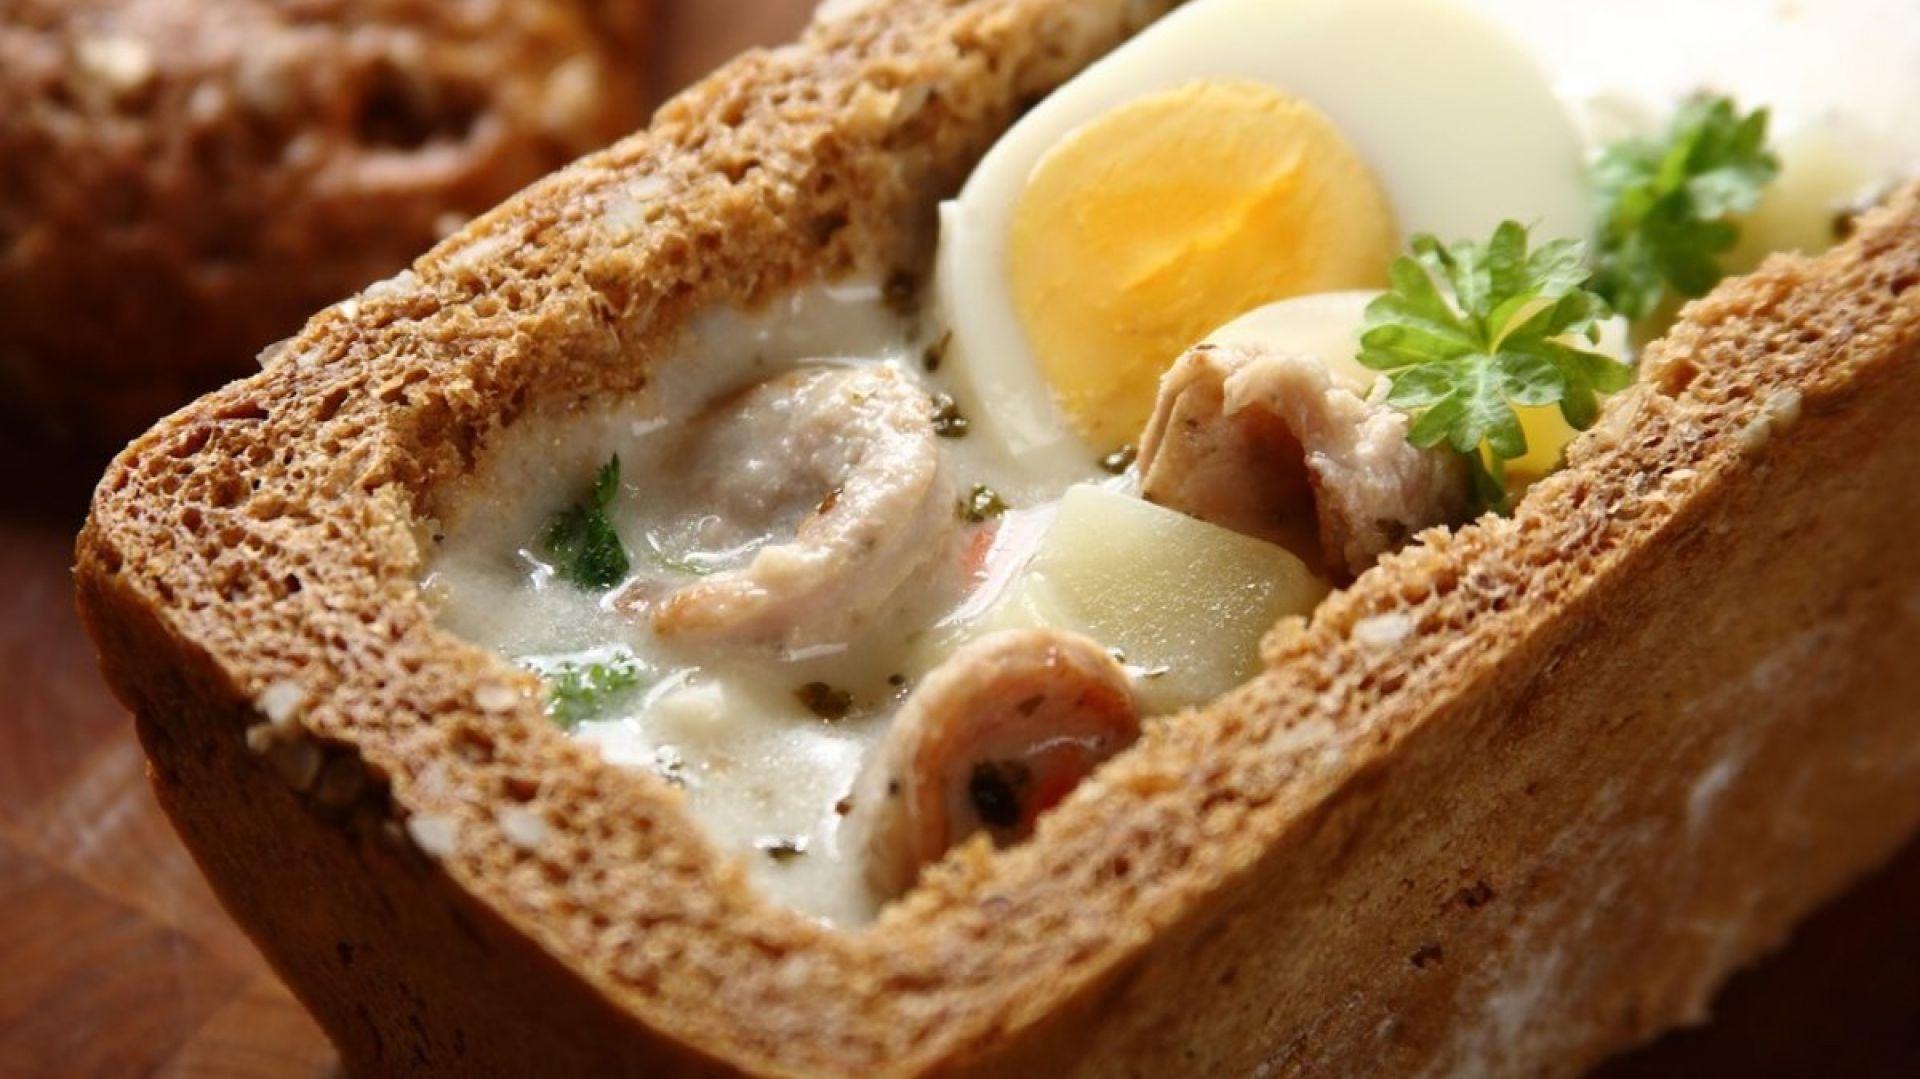 Wielkanocny żurek w chlebie. Fot. Knorr